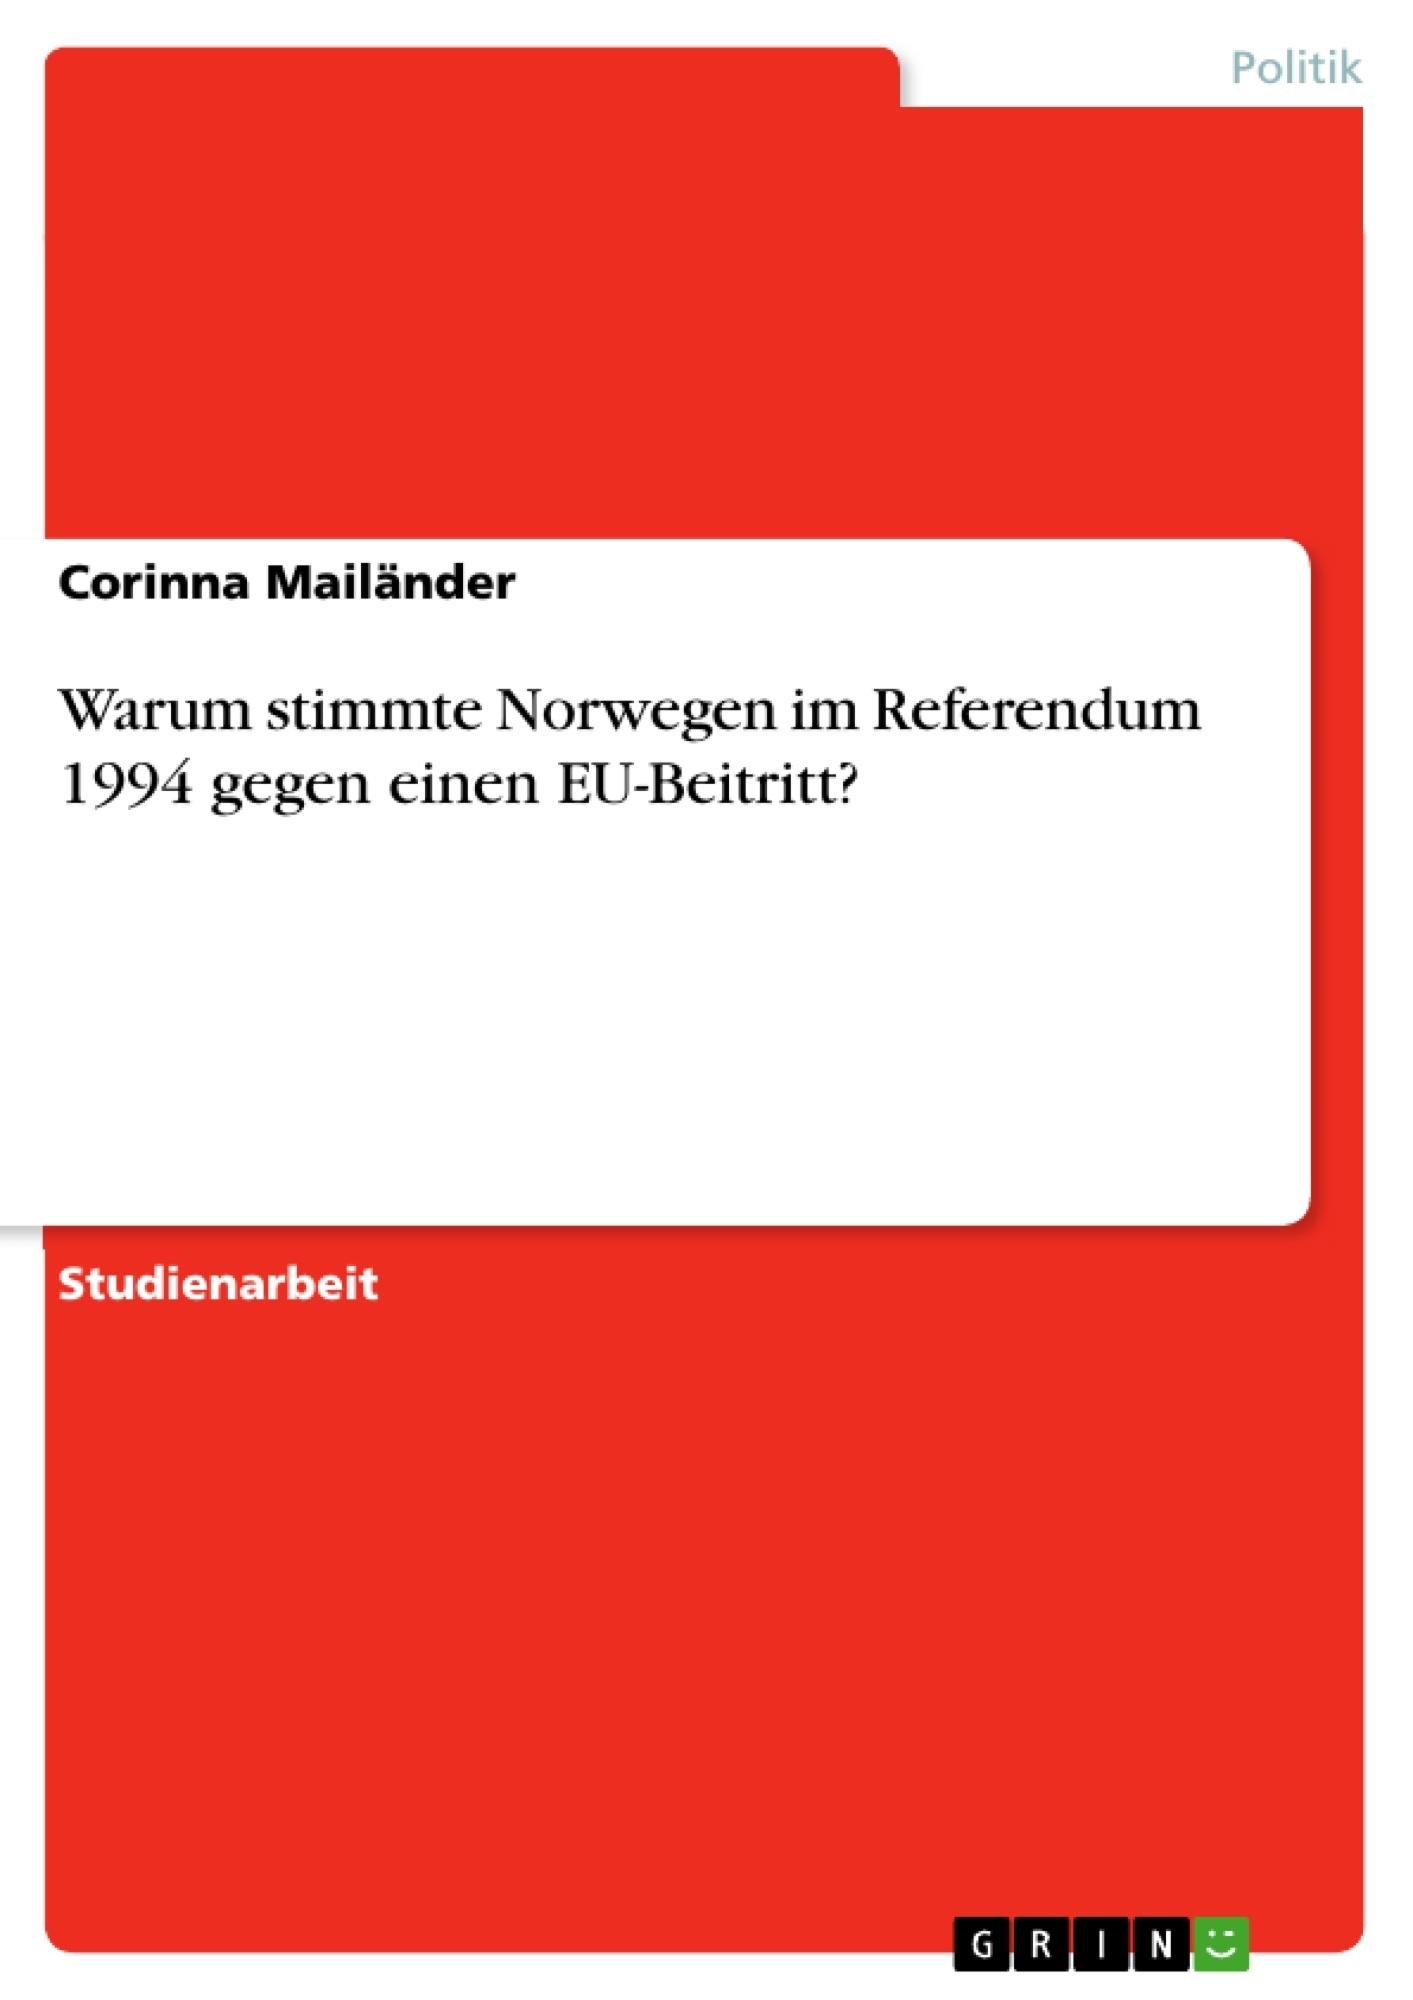 Titel: Warum stimmte Norwegen im Referendum 1994 gegen einen EU-Beitritt?